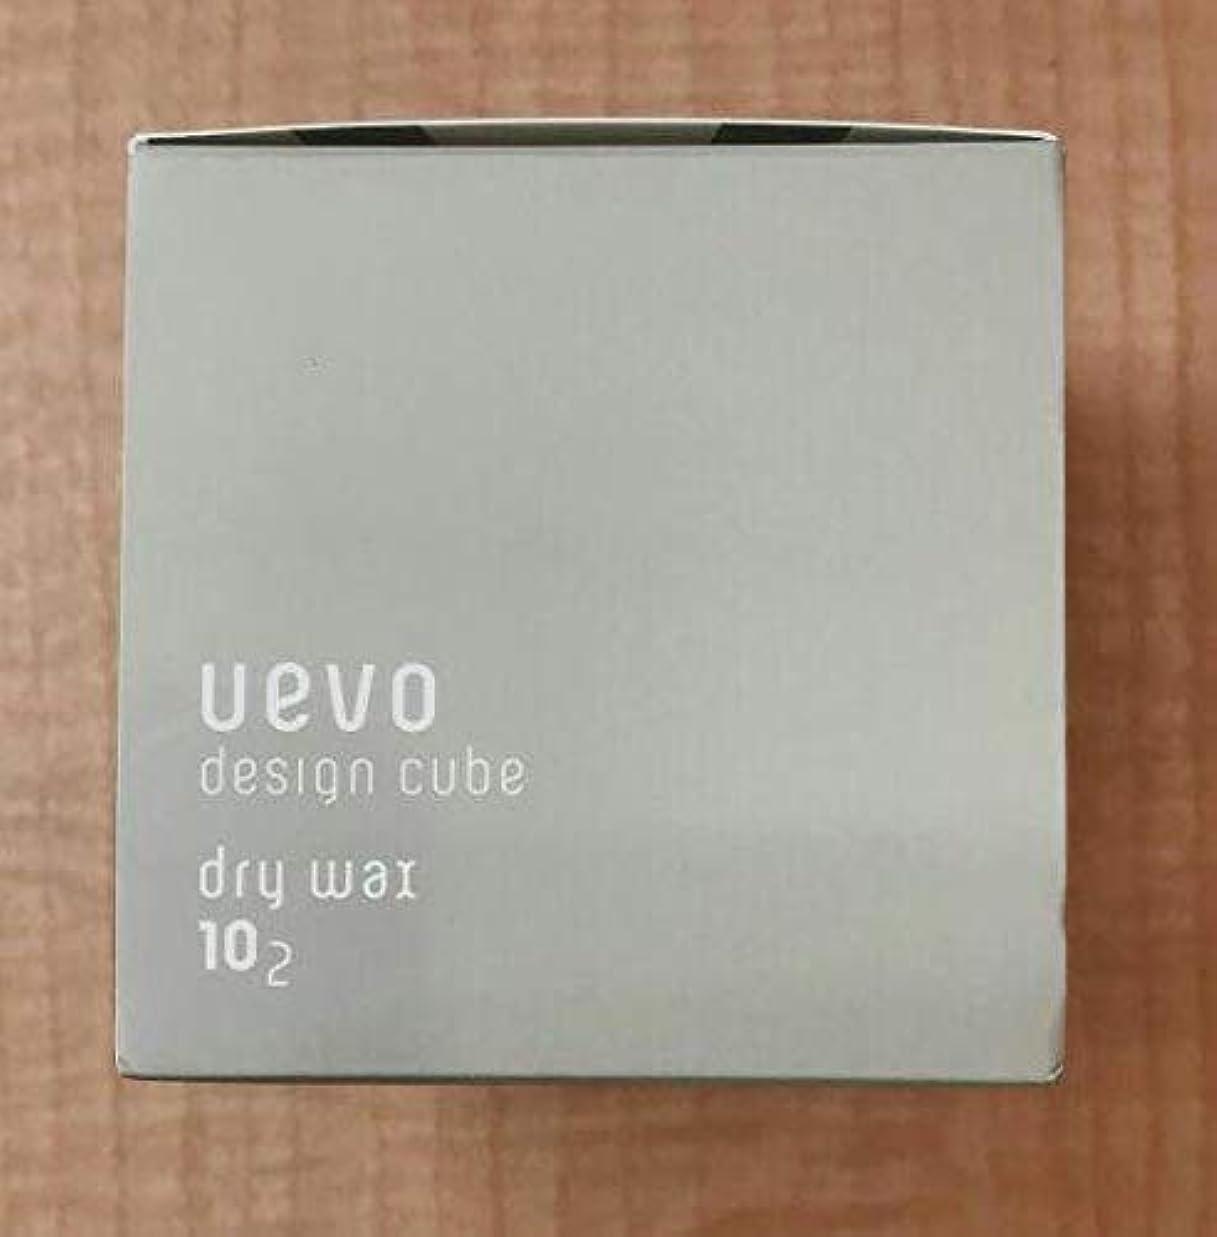 発症転倒シビック【X2個セット】 デミ ウェーボ デザインキューブ ドライワックス 80g dry wax